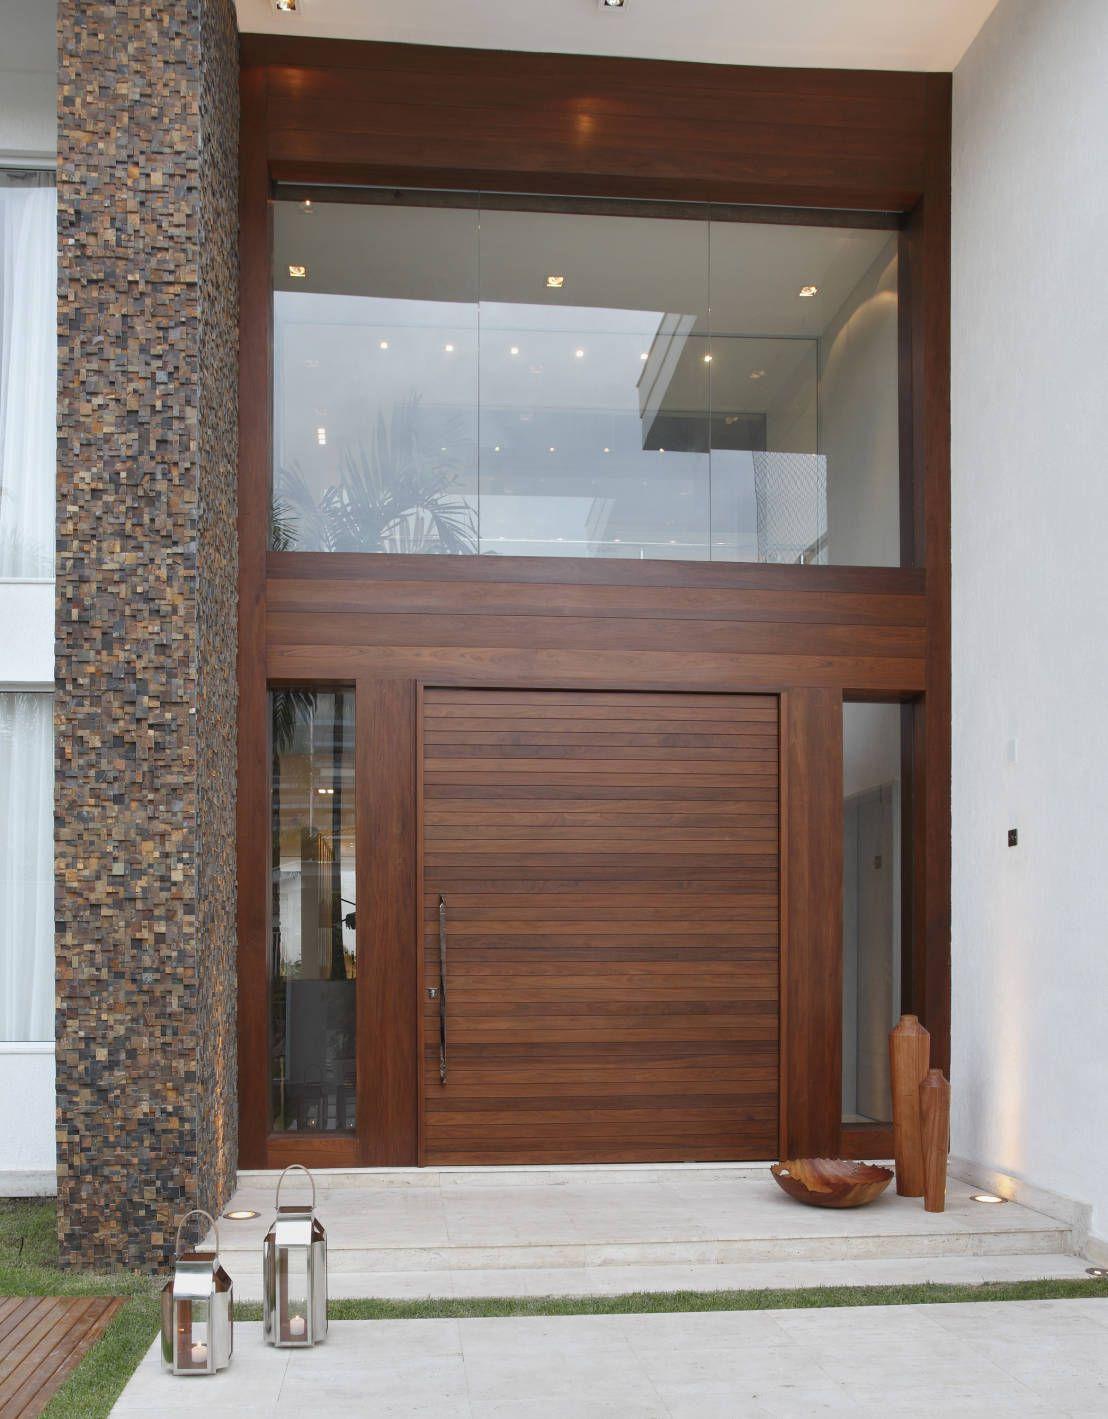 15 puertas principales fant sticas decoraci n del for Doble puerta entrada casa